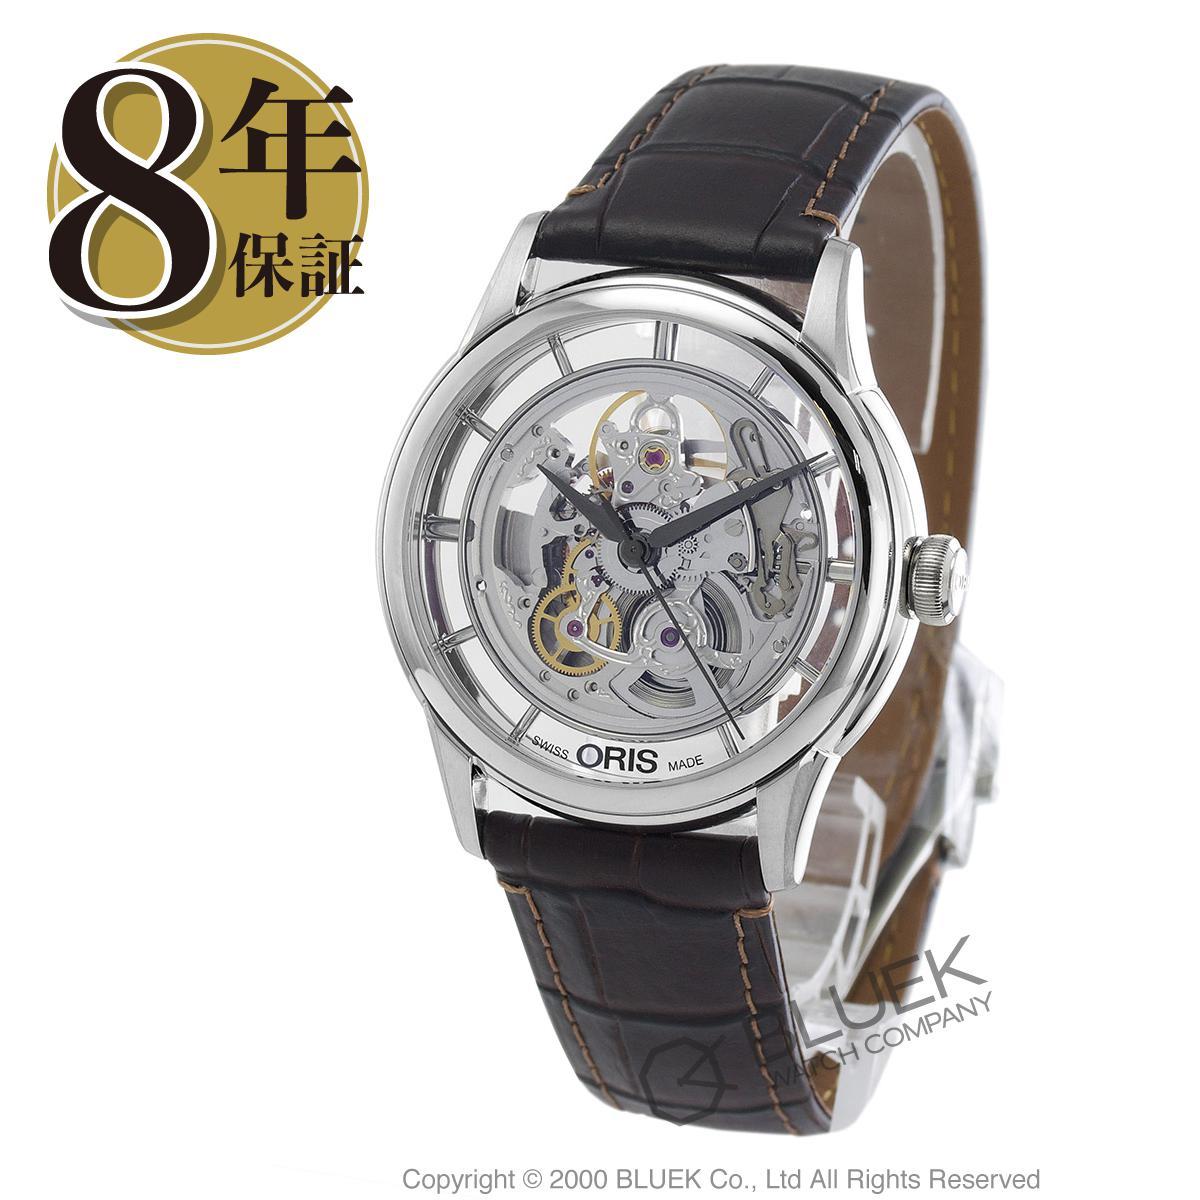 オリス アートリエ トランスルーセント スケルトン 腕時計 メンズ ORIS 734 7684 4051D_8